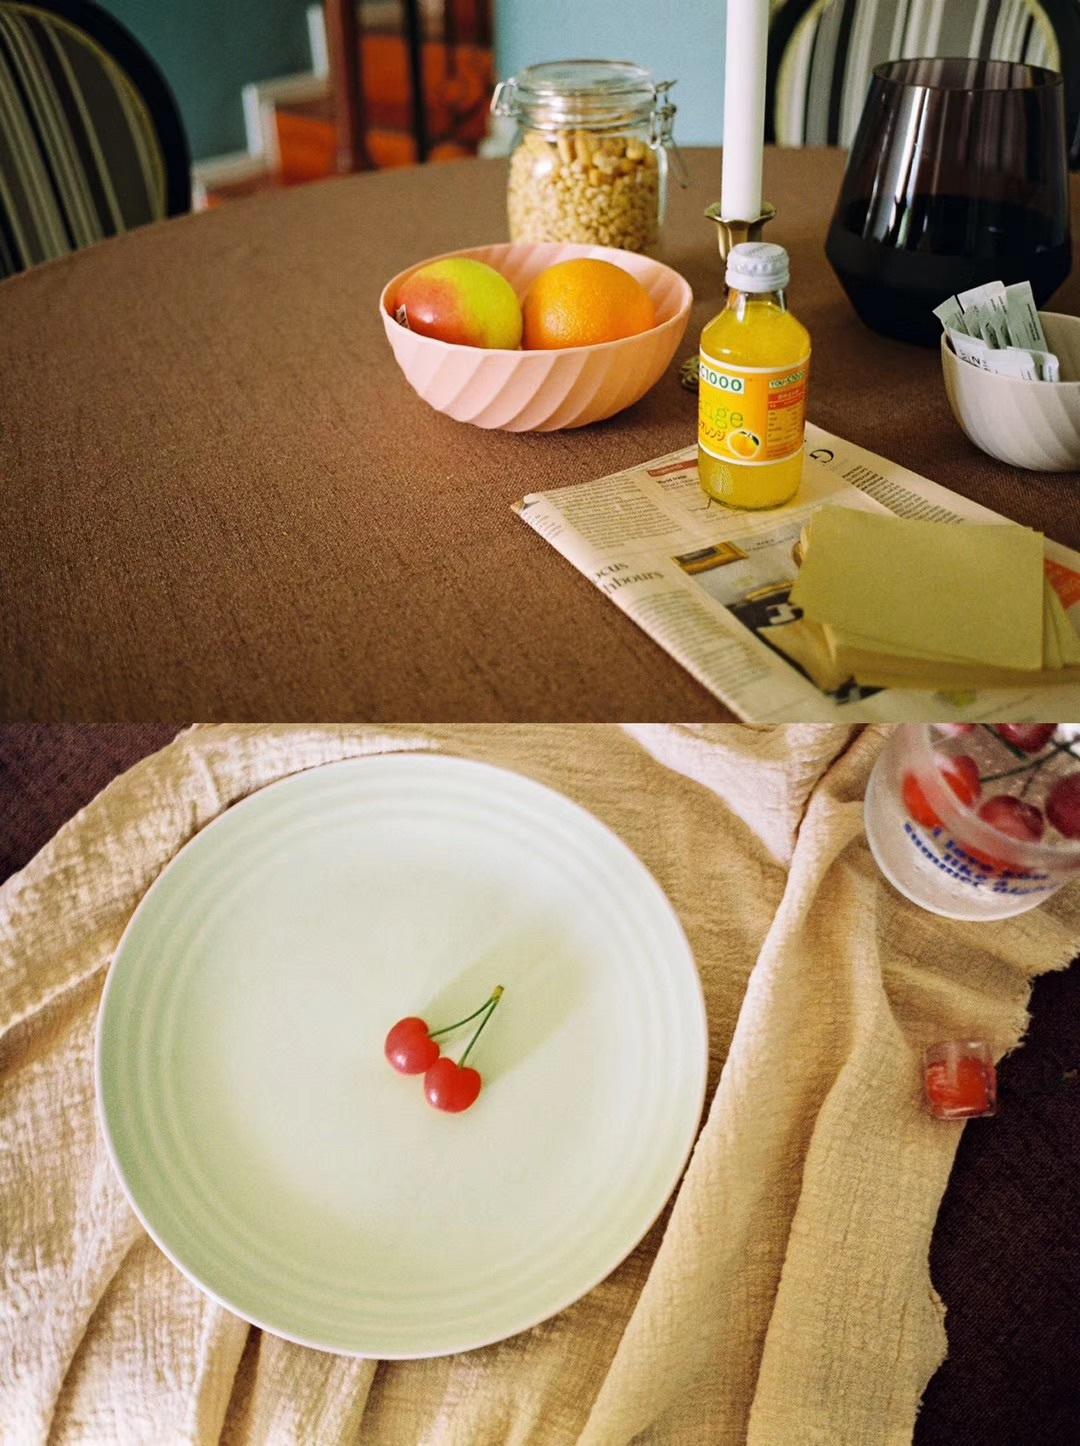 王颖对小象桌面收纳套装发布的晒单效果图及评价